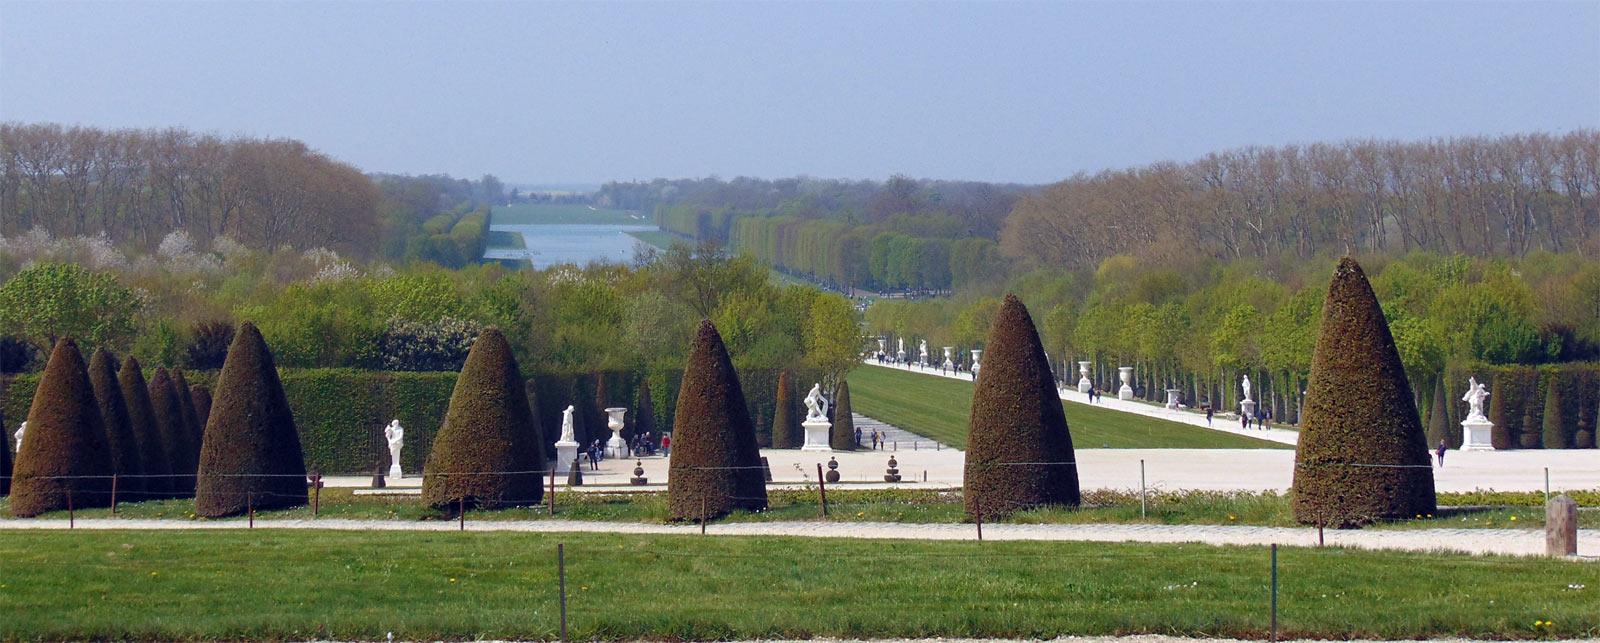 Сады и парки Версаля, фото